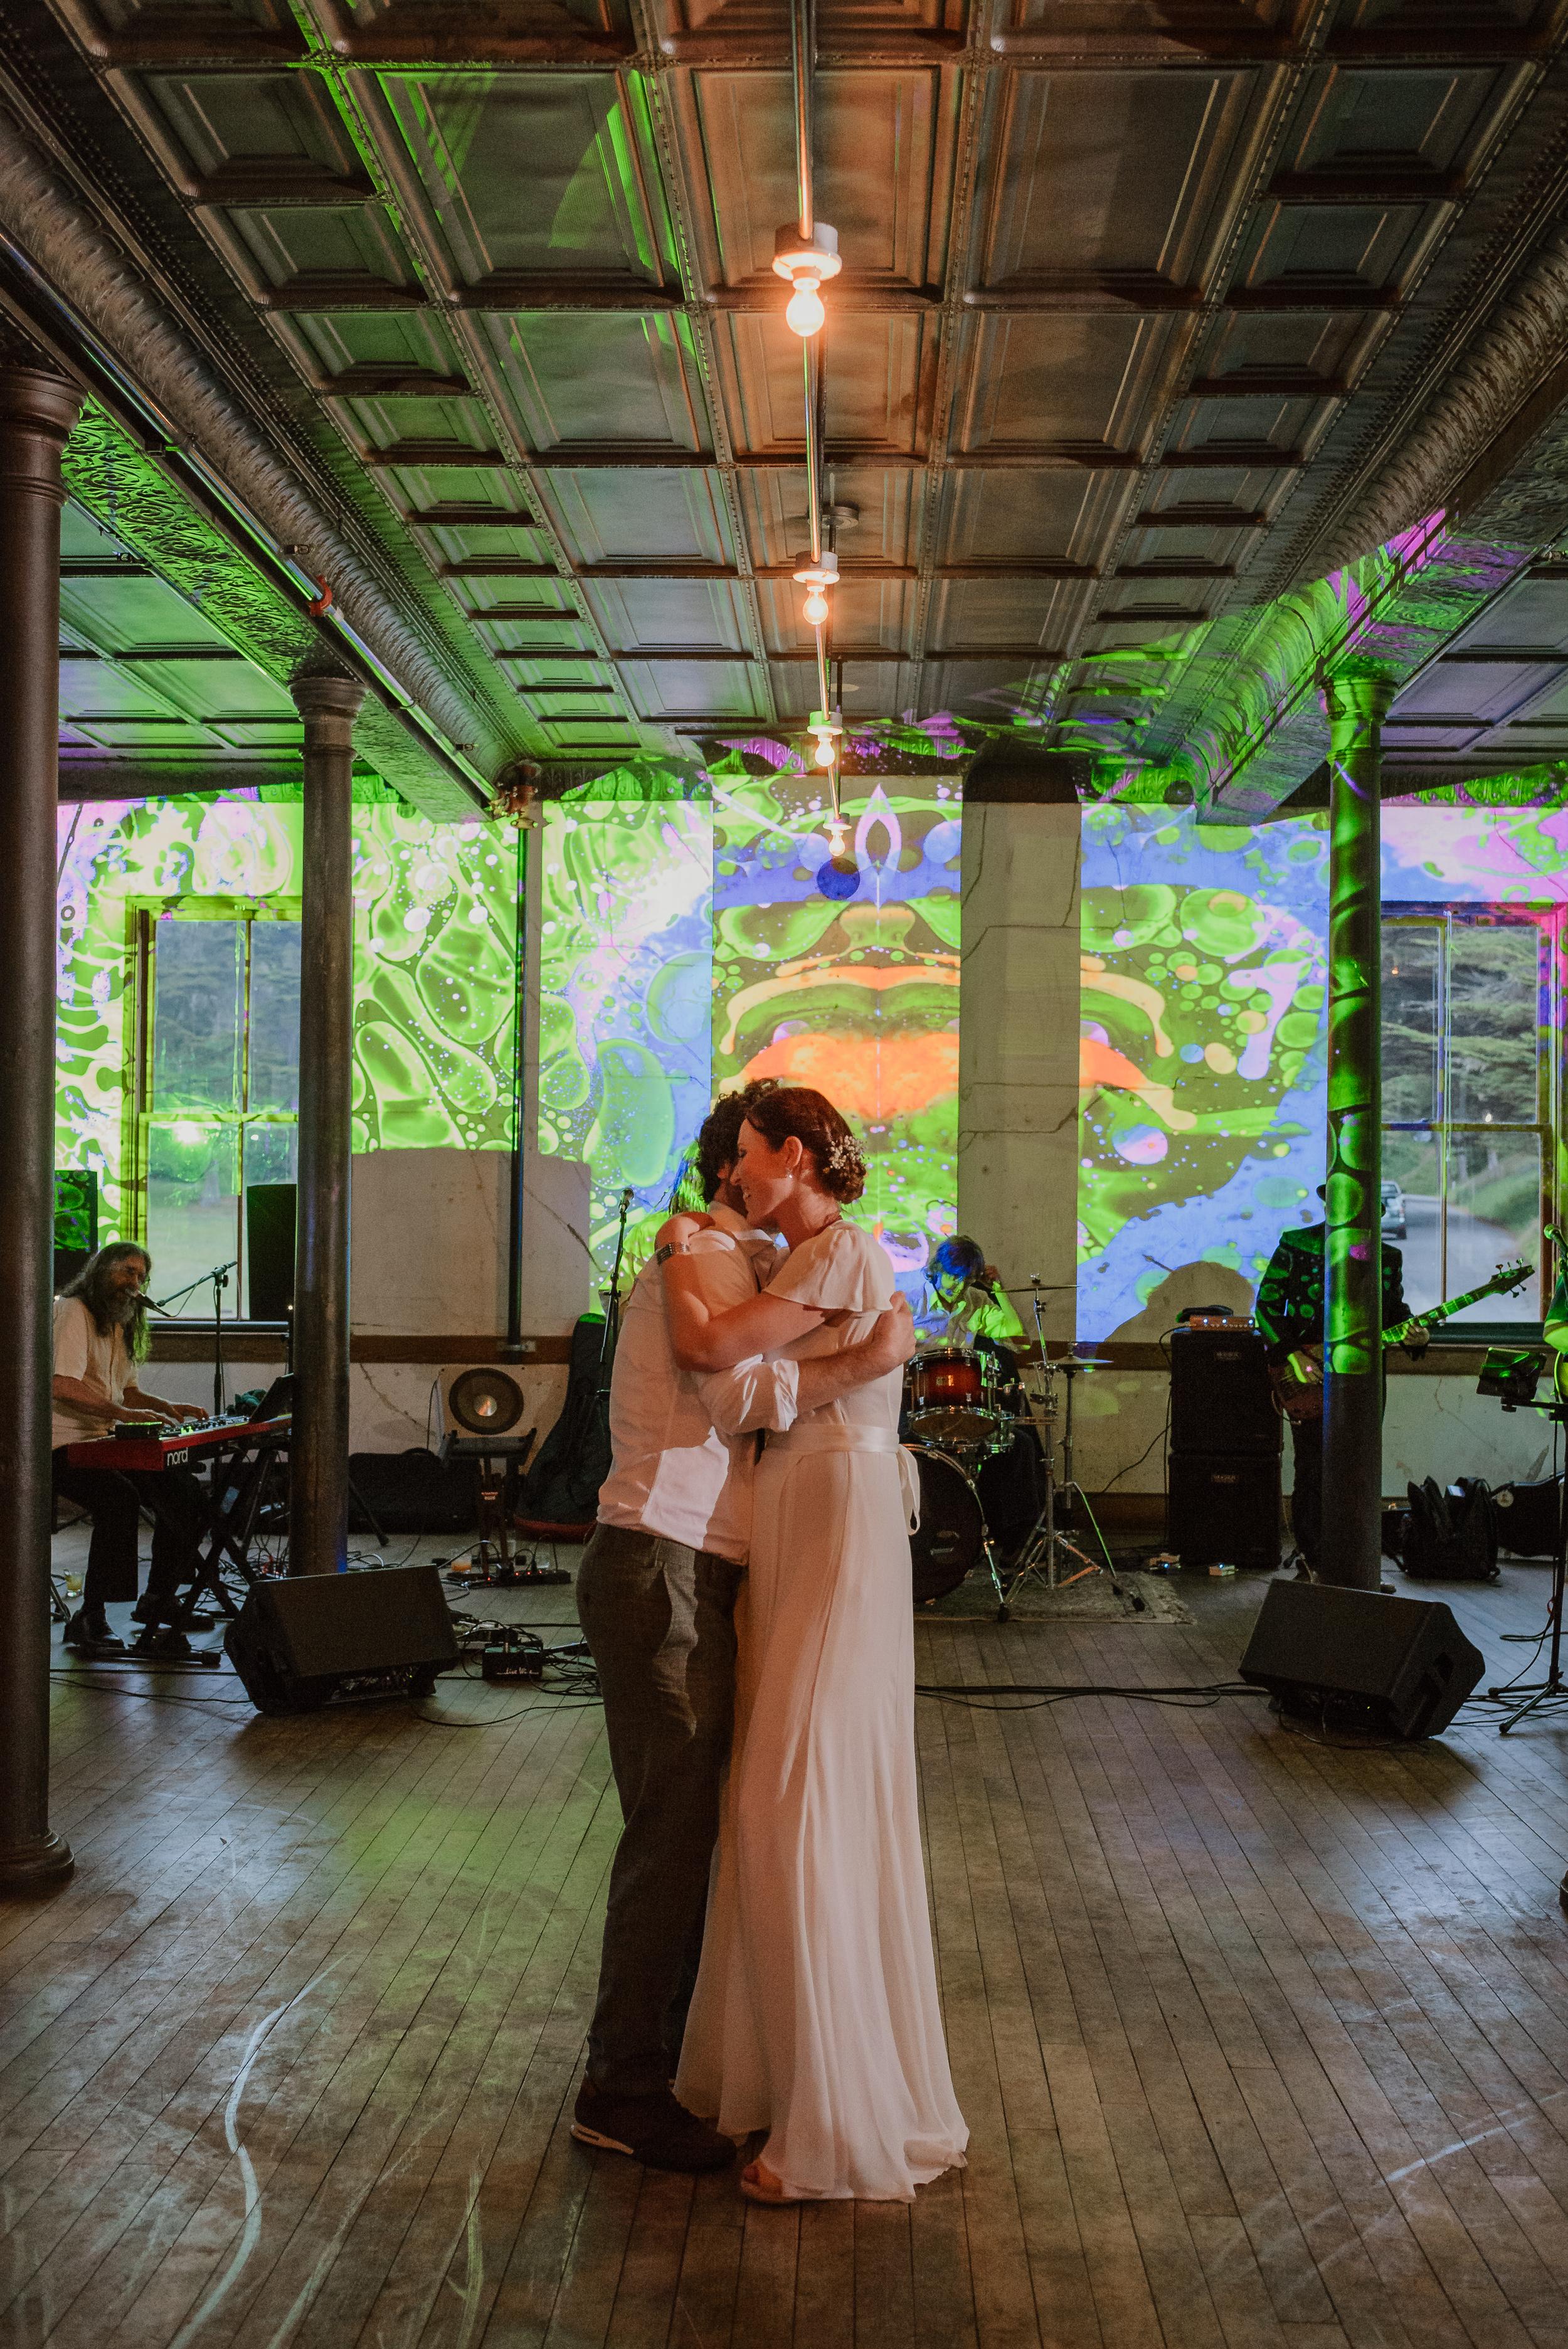 118-san-francisco-headlands-center-for-the-arts-wedding-vivianchen-637.jpg